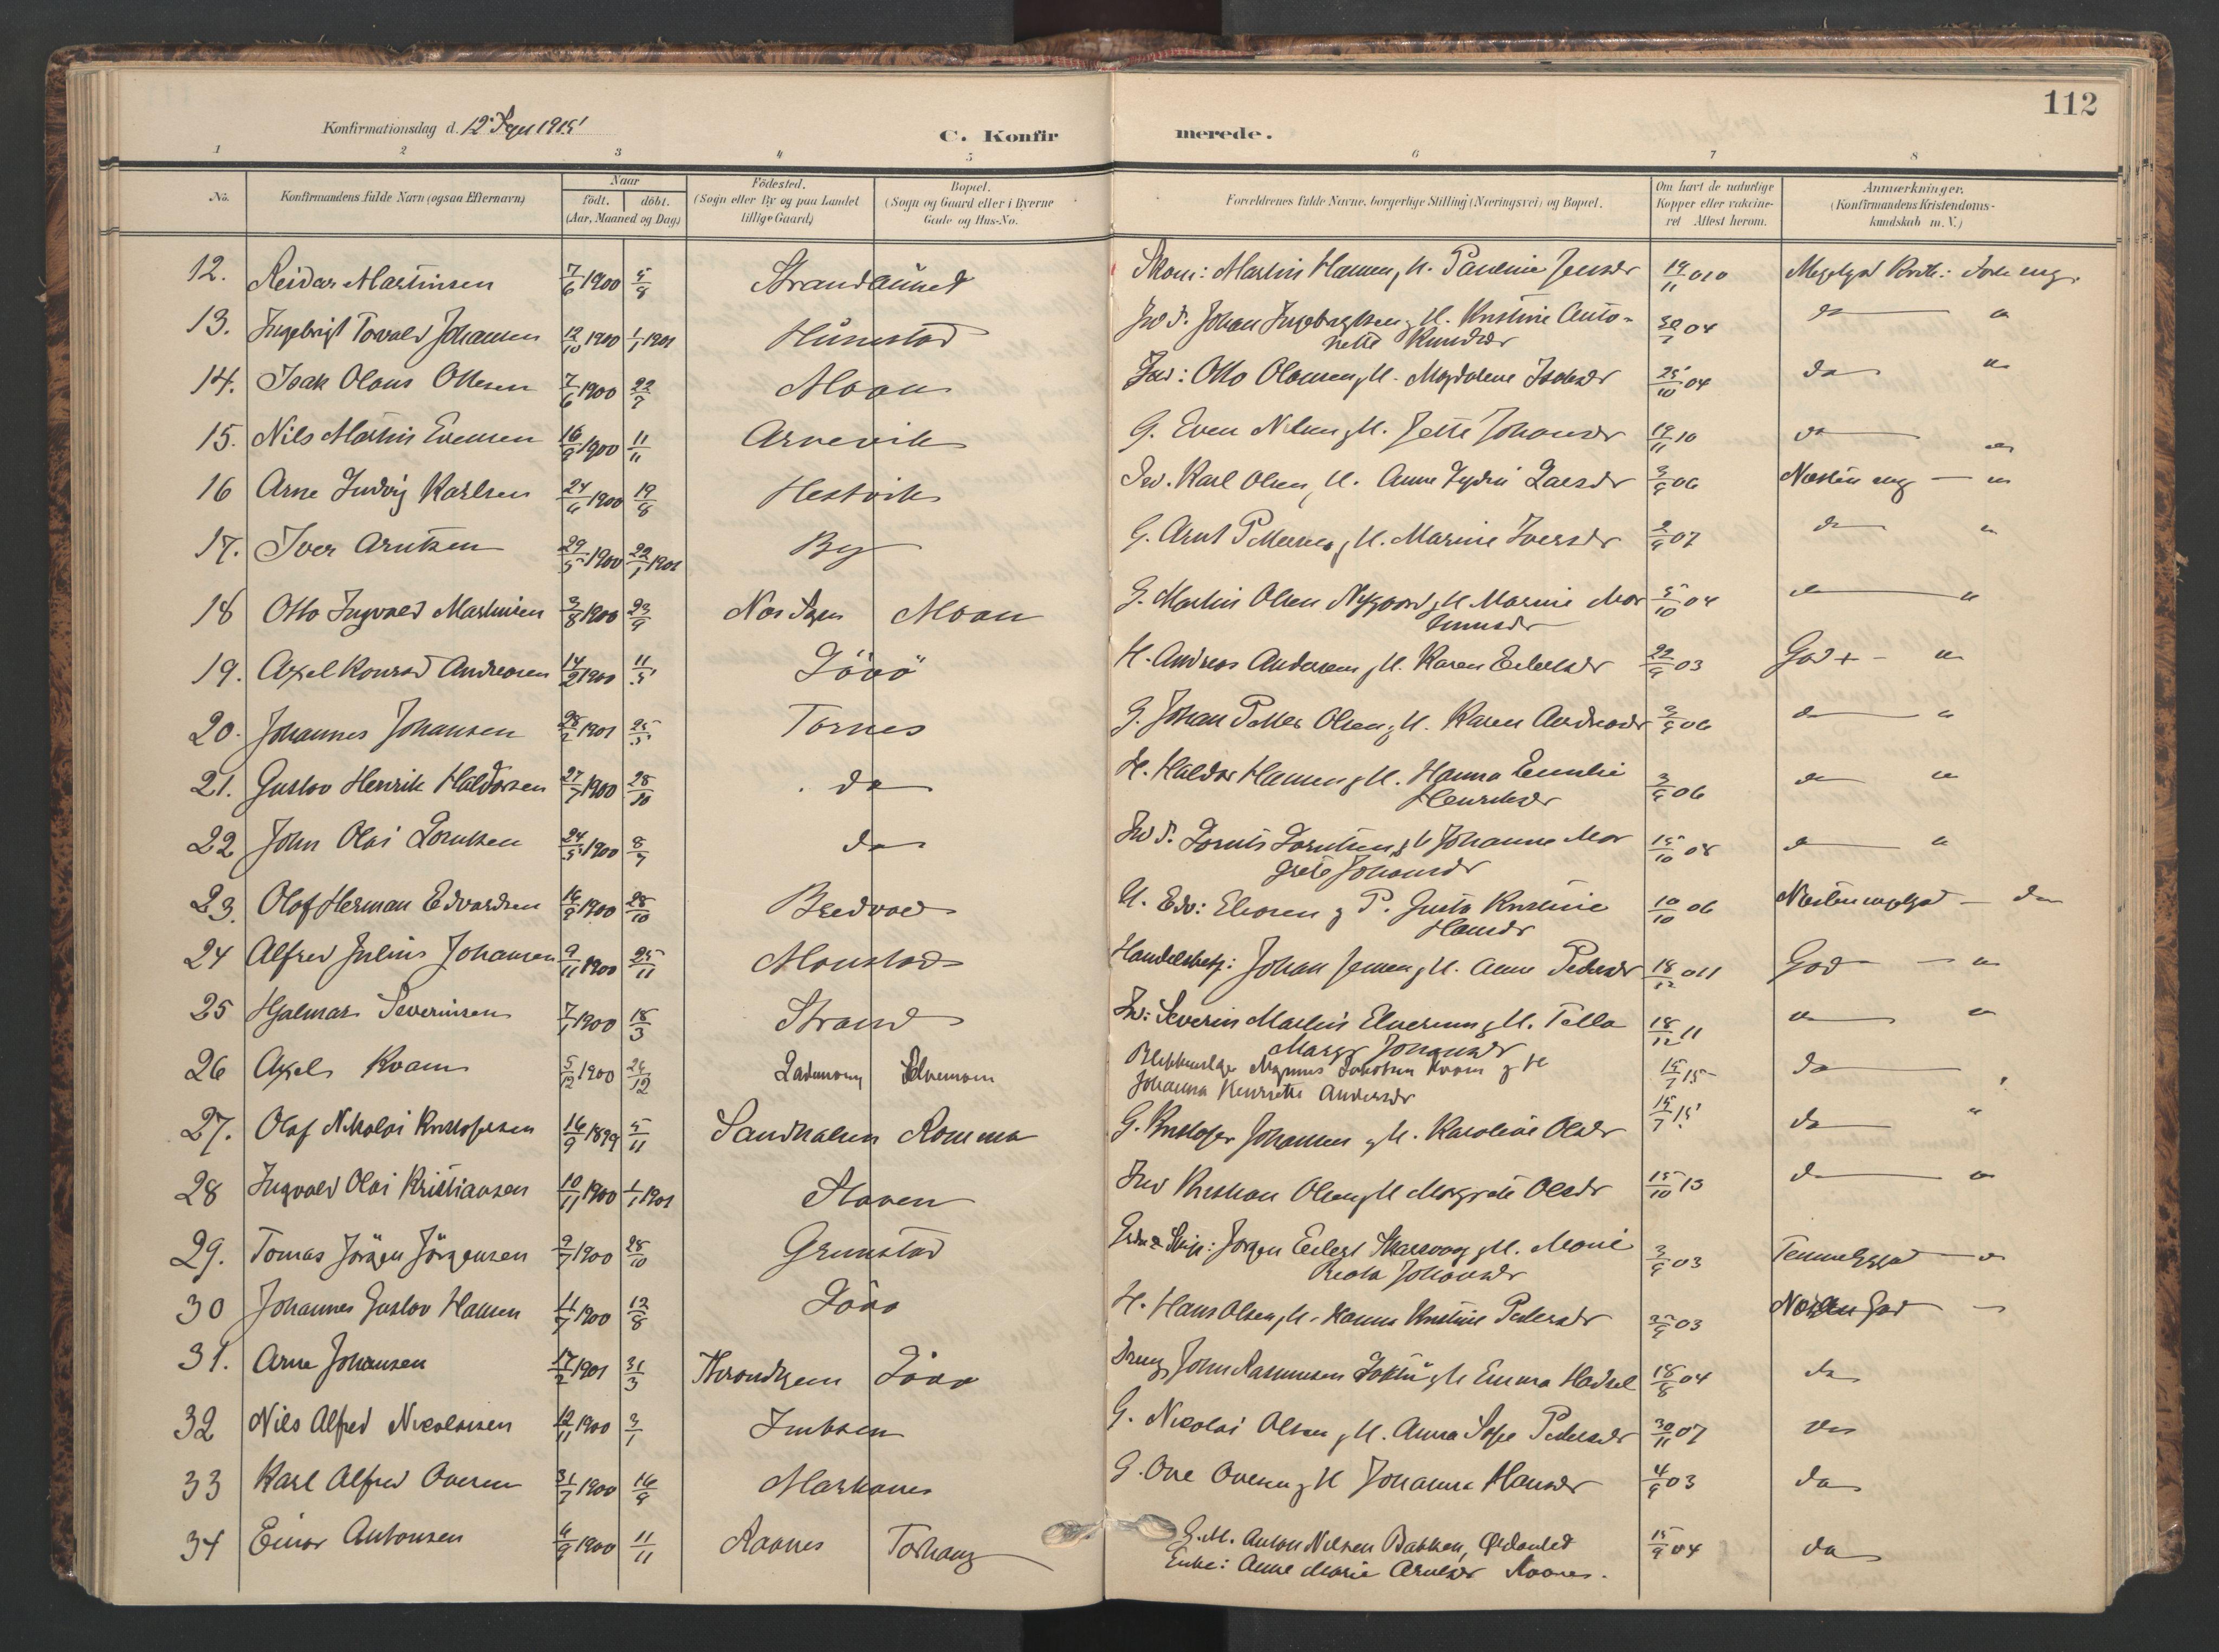 SAT, Ministerialprotokoller, klokkerbøker og fødselsregistre - Sør-Trøndelag, 655/L0682: Ministerialbok nr. 655A11, 1908-1922, s. 112